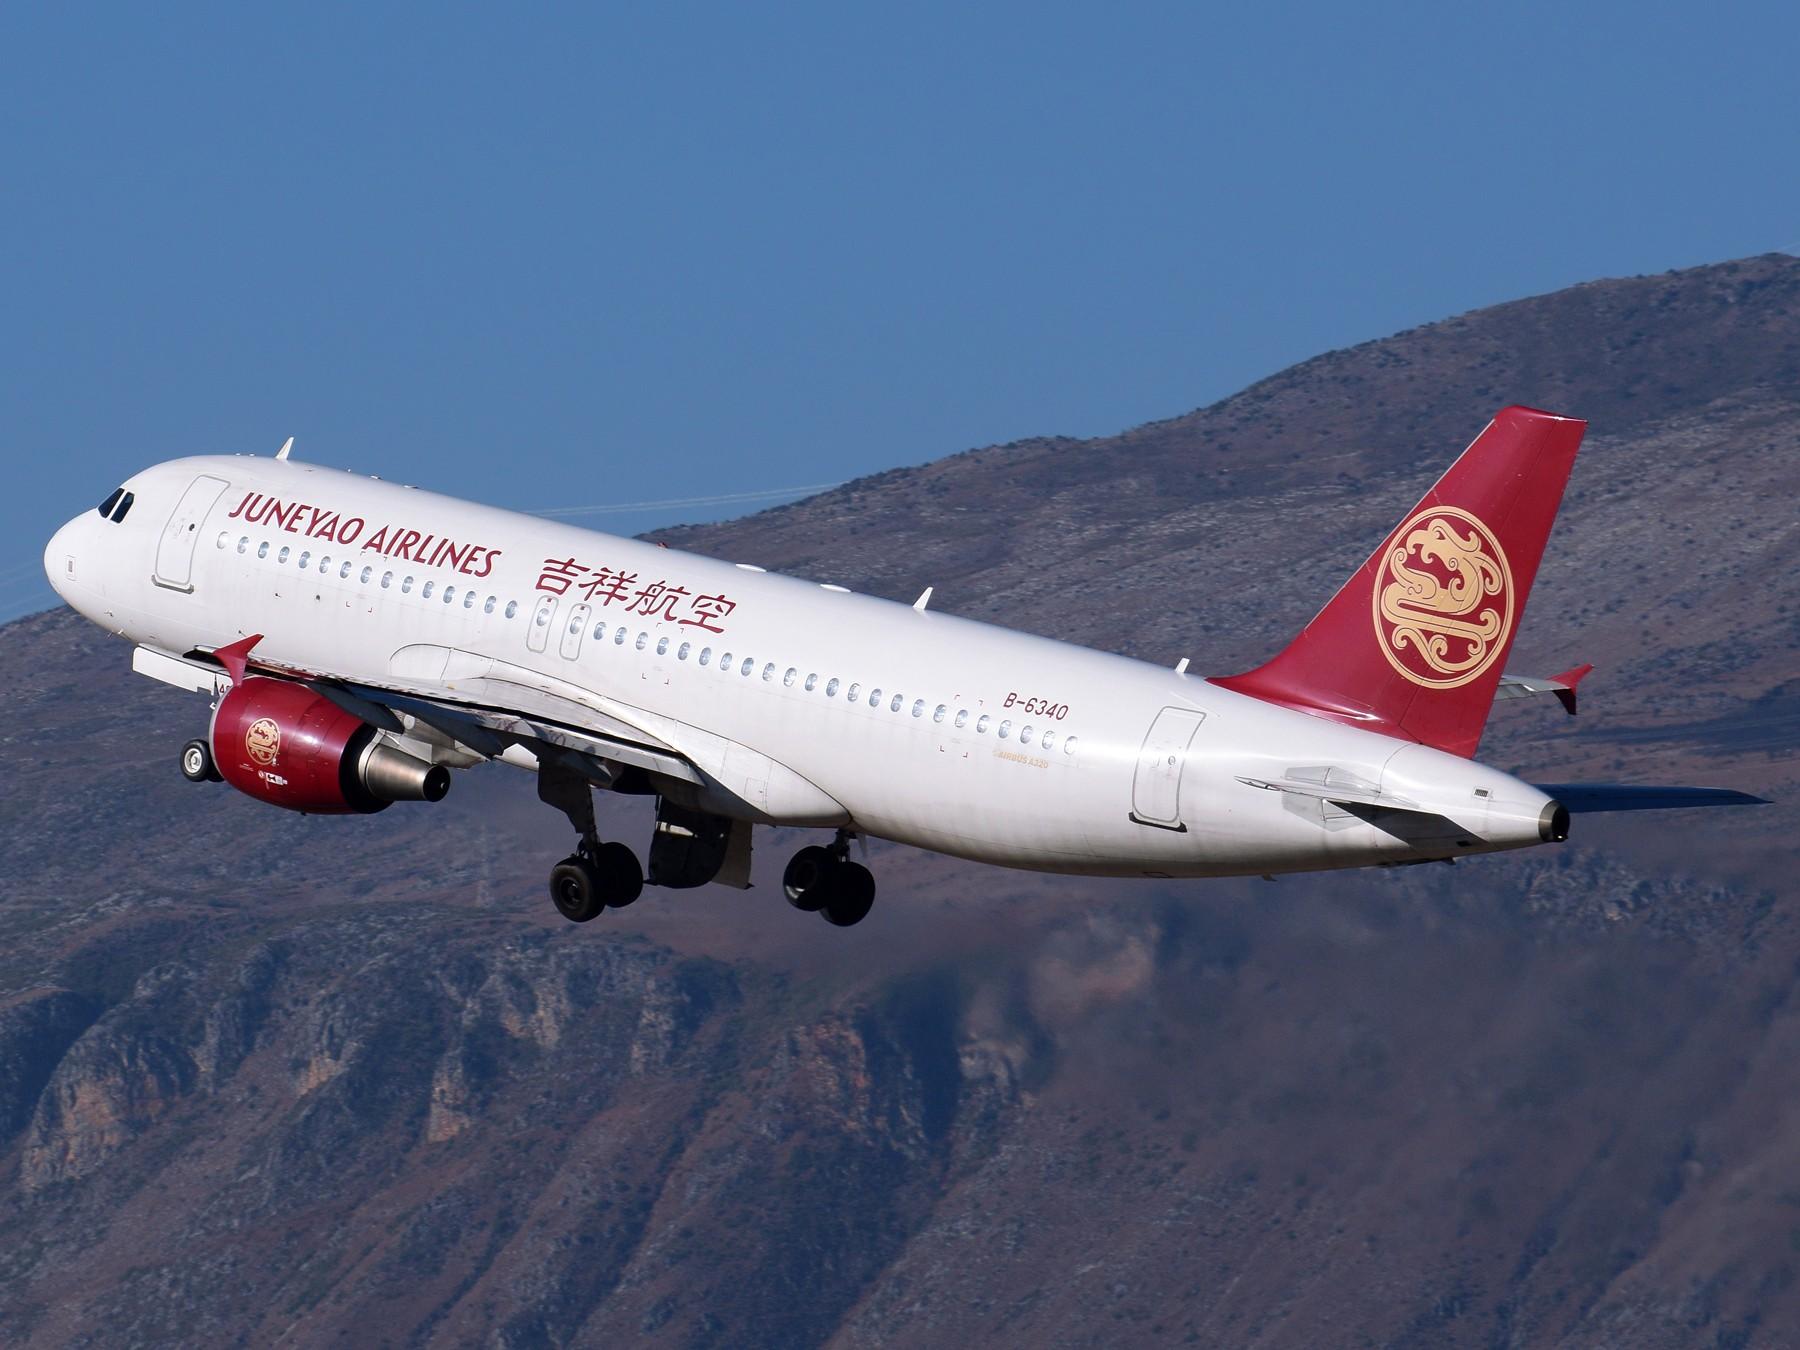 Re:[原创][吉祥航空年度摄影大赛] 吉祥航空------高原上的飒爽英姿 AIRBUS A320-200 B-6340 中国丽江三义机场